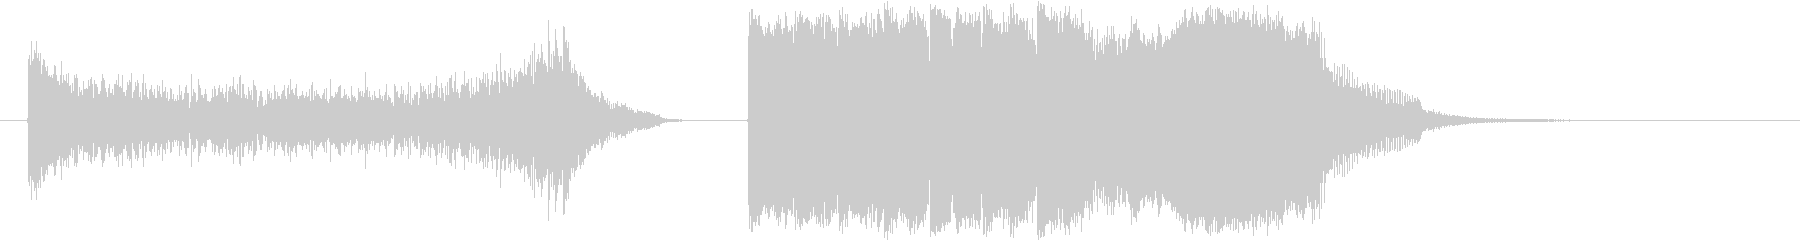 昔の歌番組で使われるランキングジングル2の未再生の波形